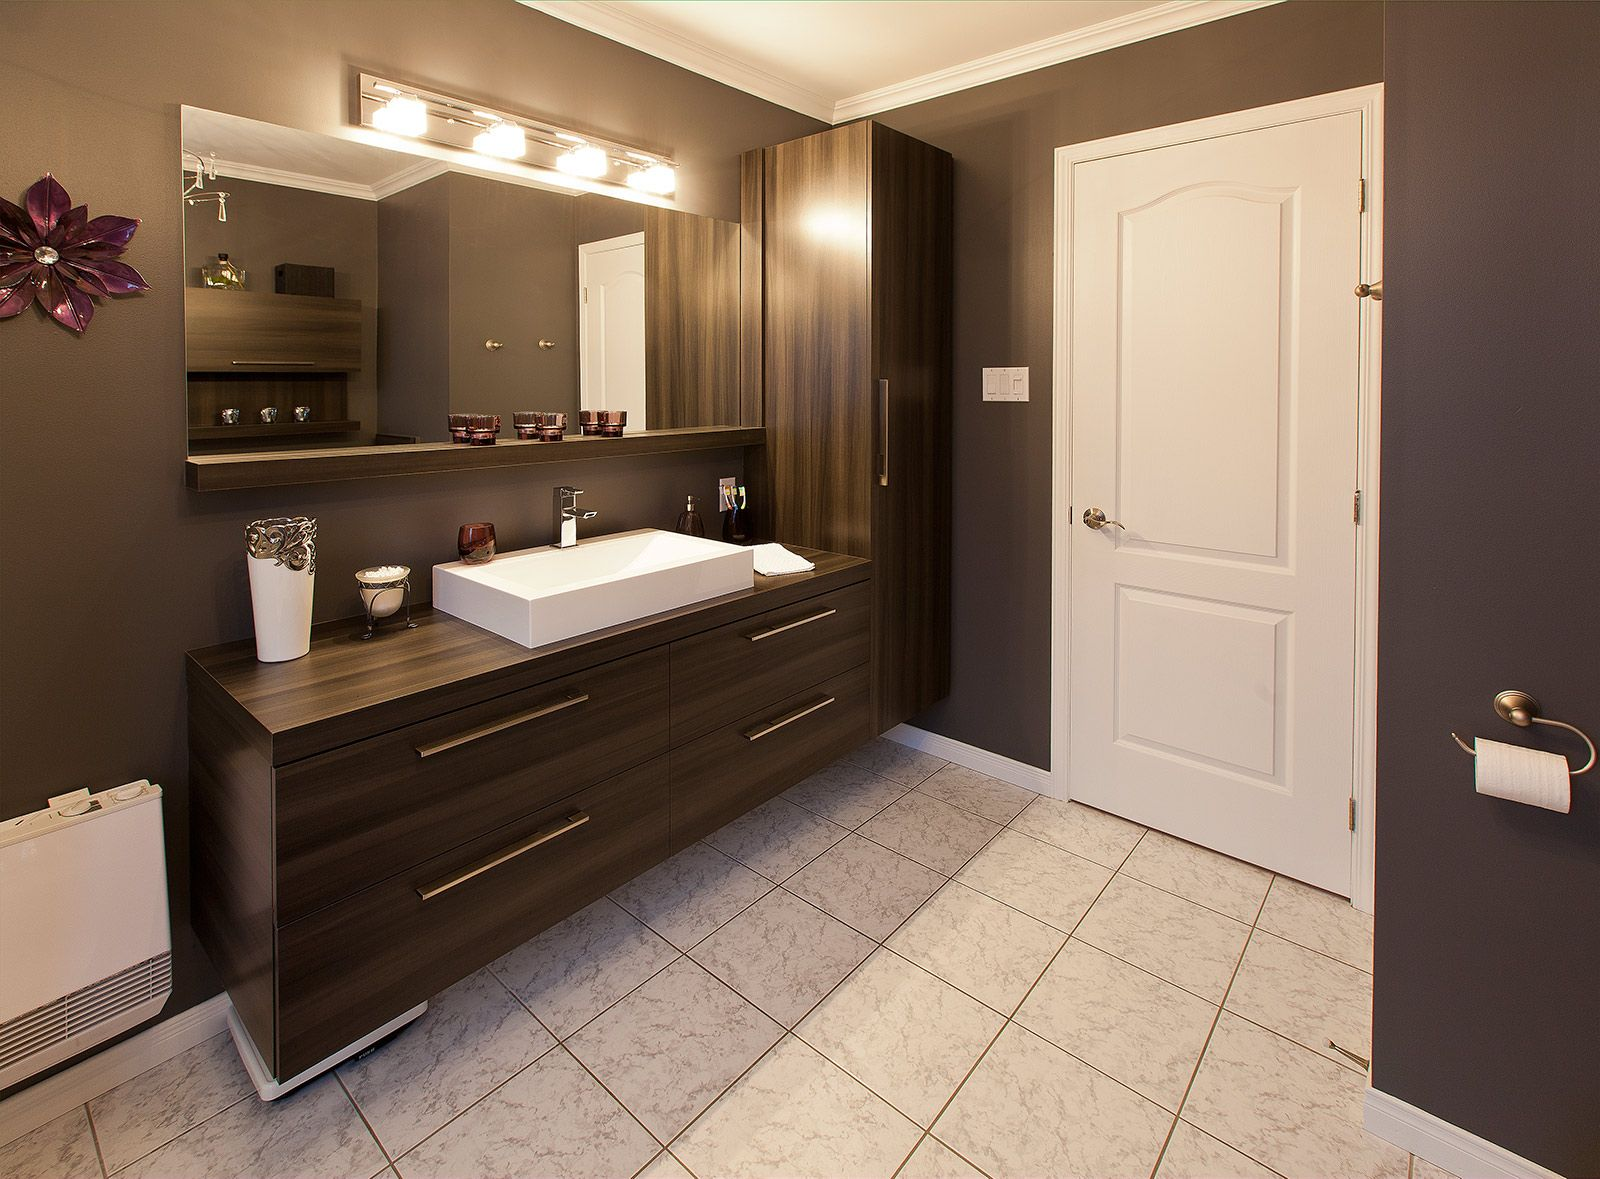 Salle de bains moderne griffe cuisine D2co salle de bain